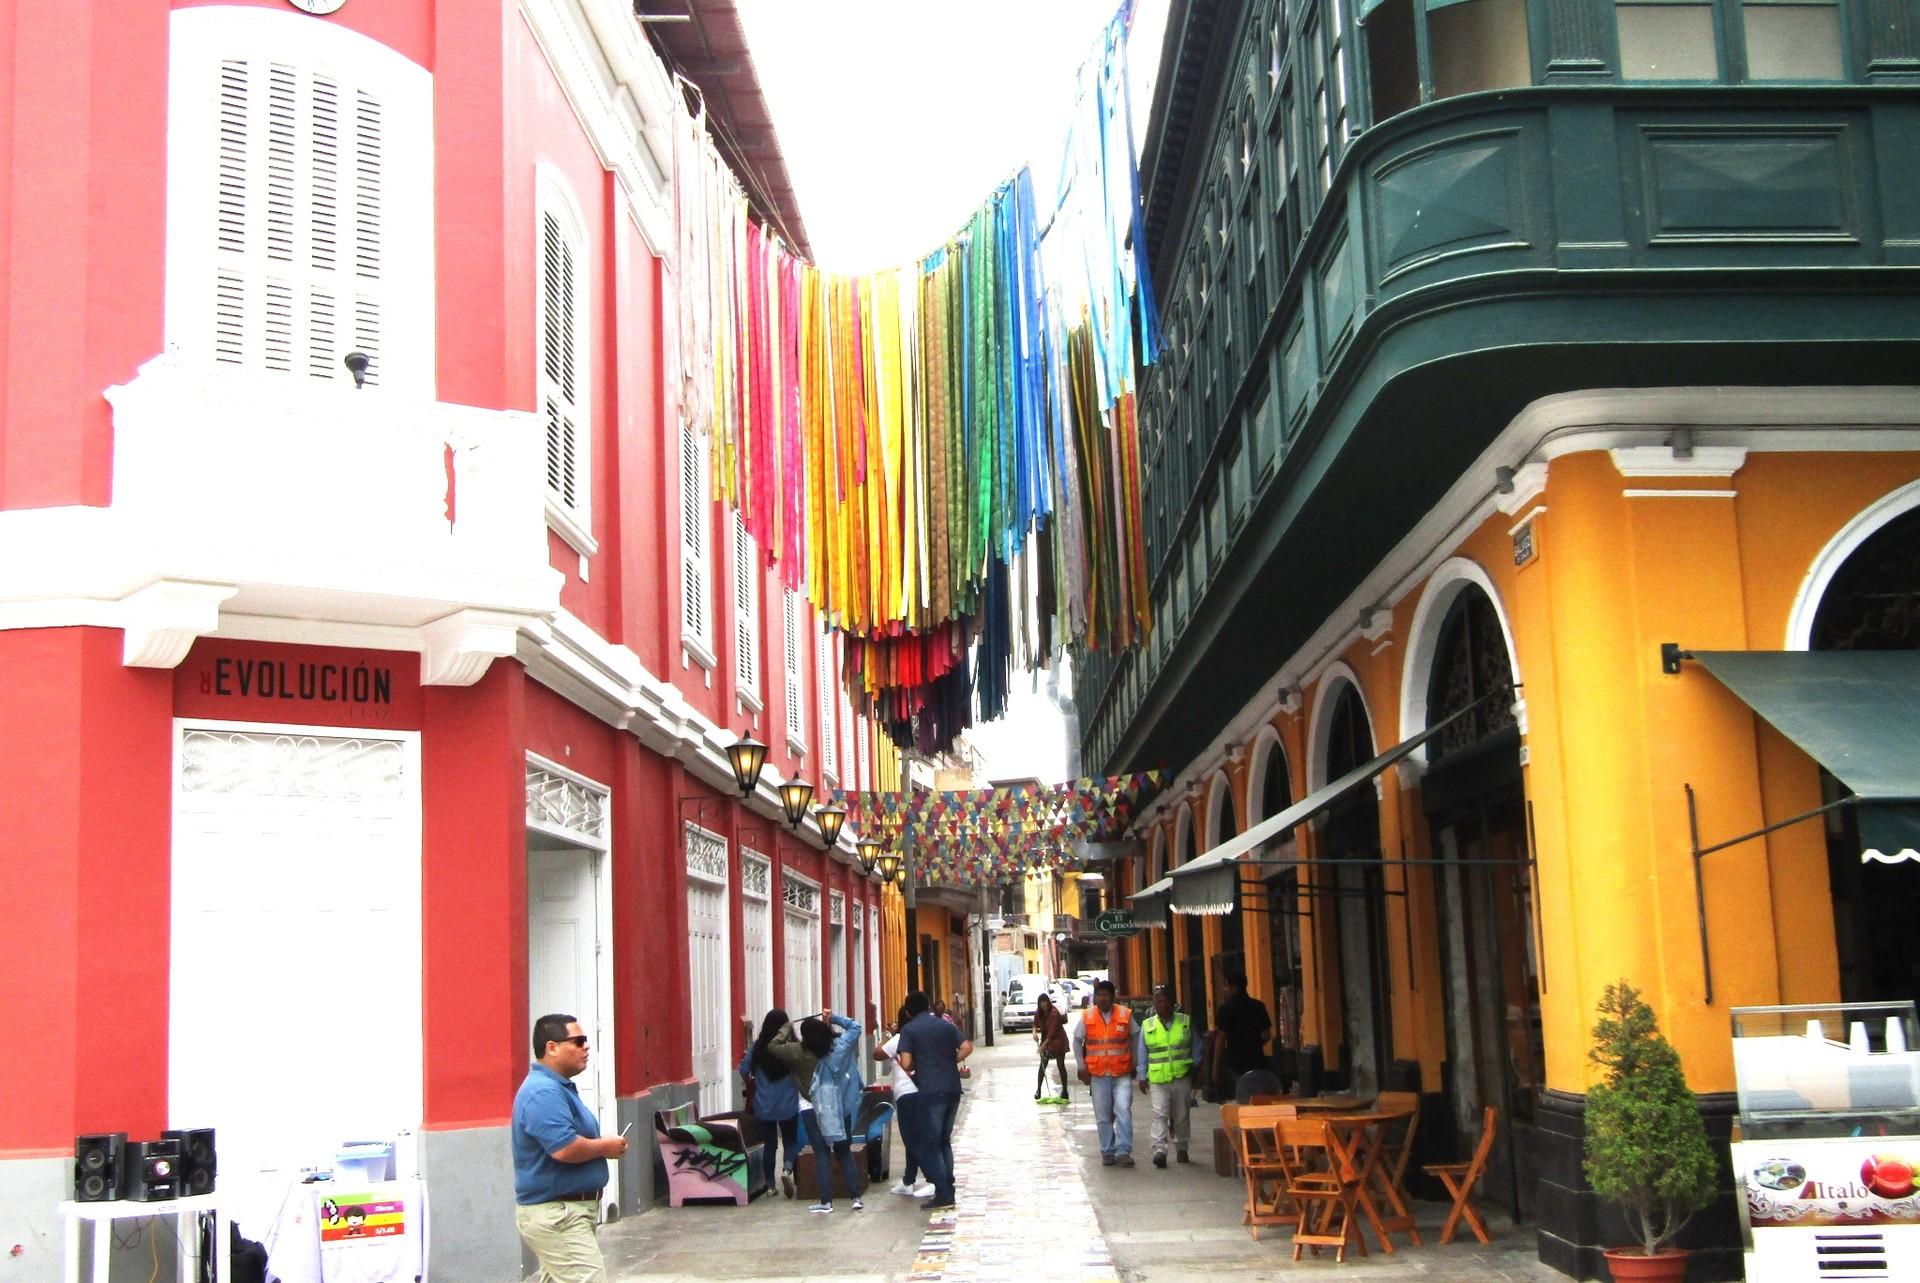 Una escapada veloz al Callao Monumental y el centro de Lima | Blog Erasmus Callao, Perú